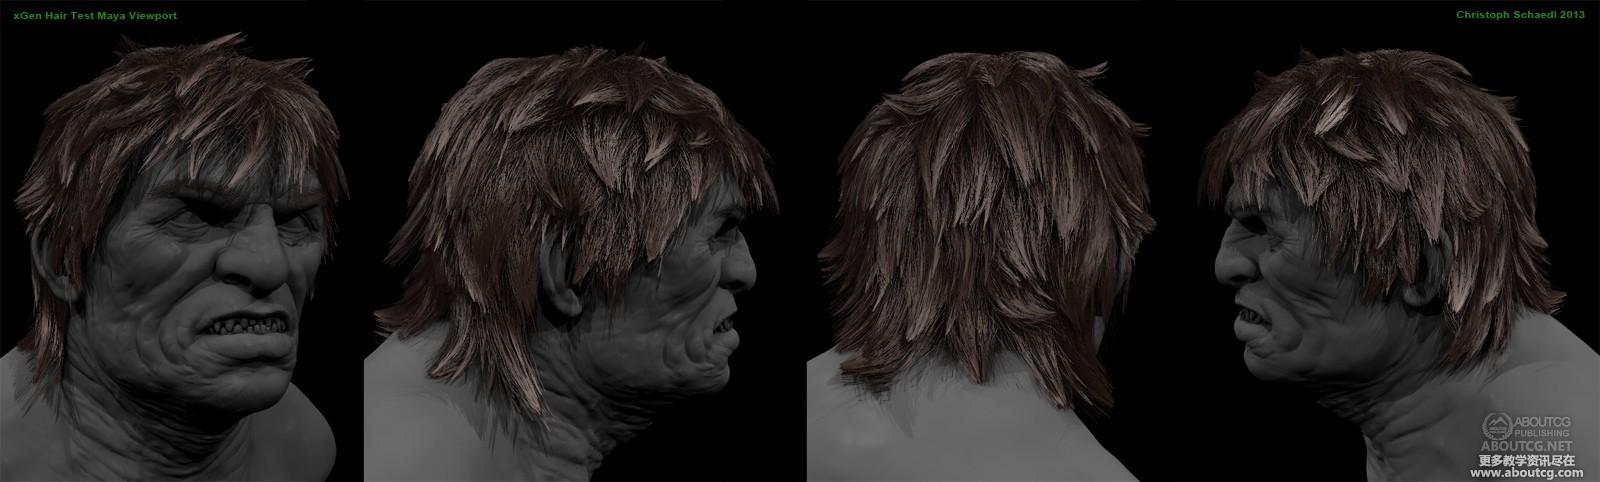 使用maya的xGen功能创建角色毛发效果| ABOUTCG资讯速递